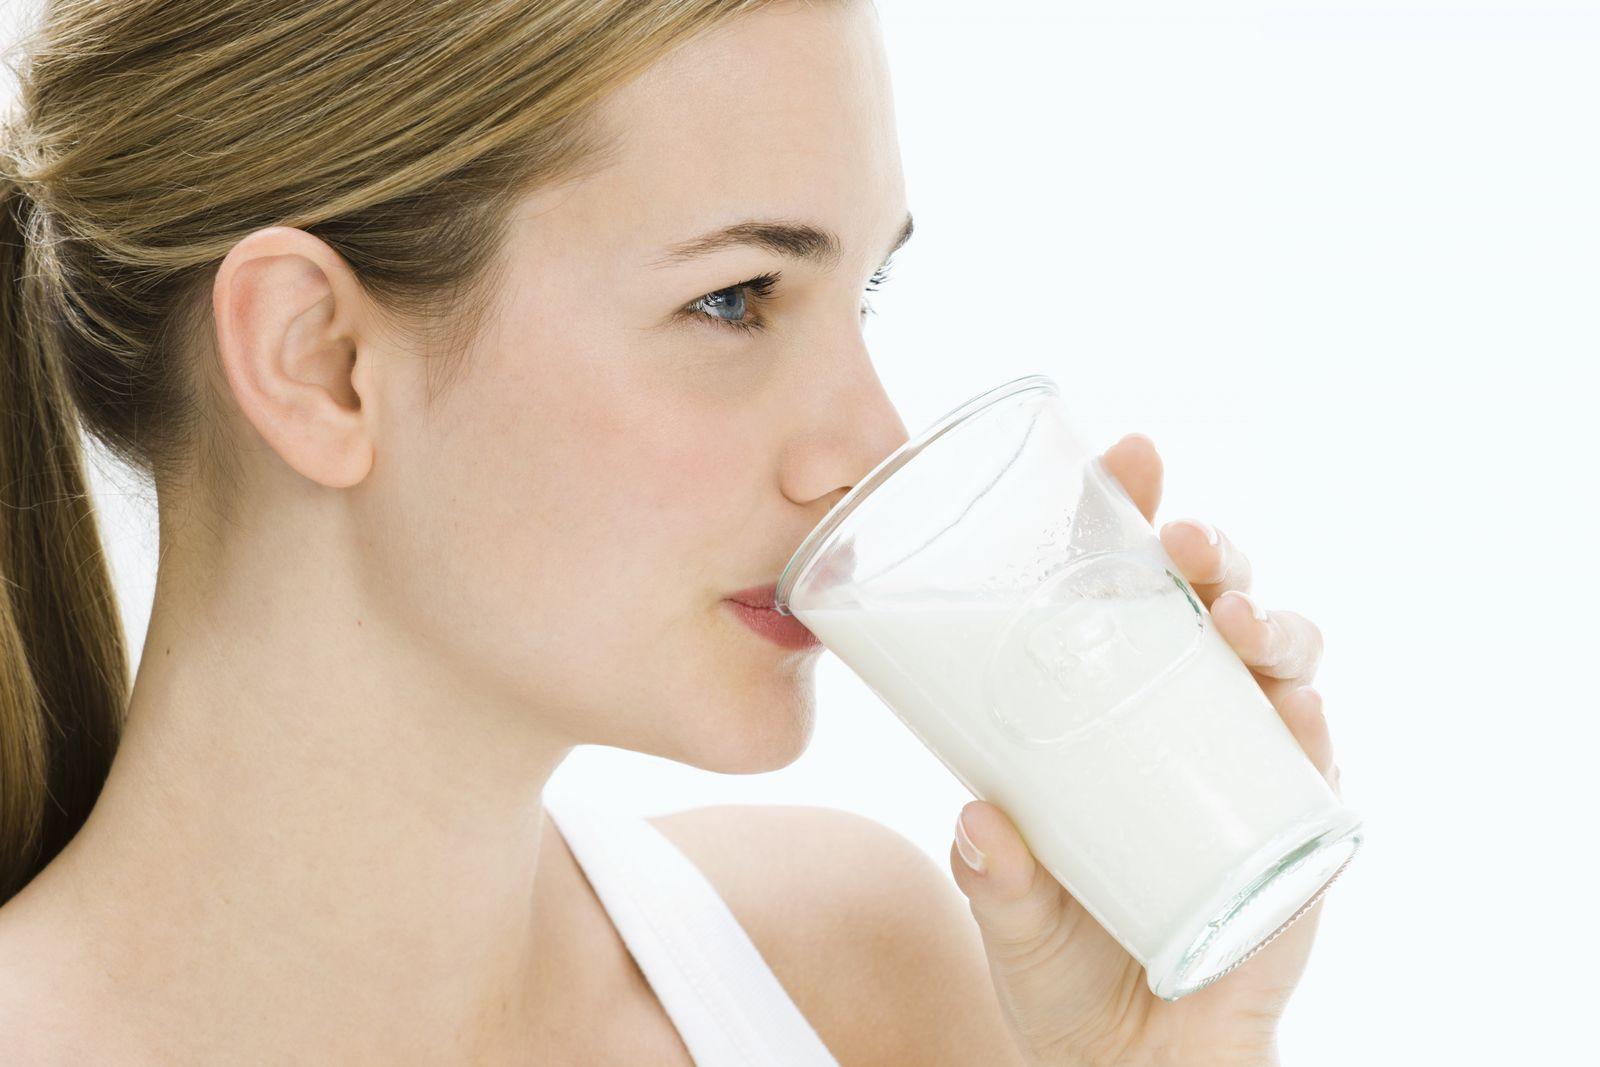 NICHT MEHR VERWENDEN! - Milch